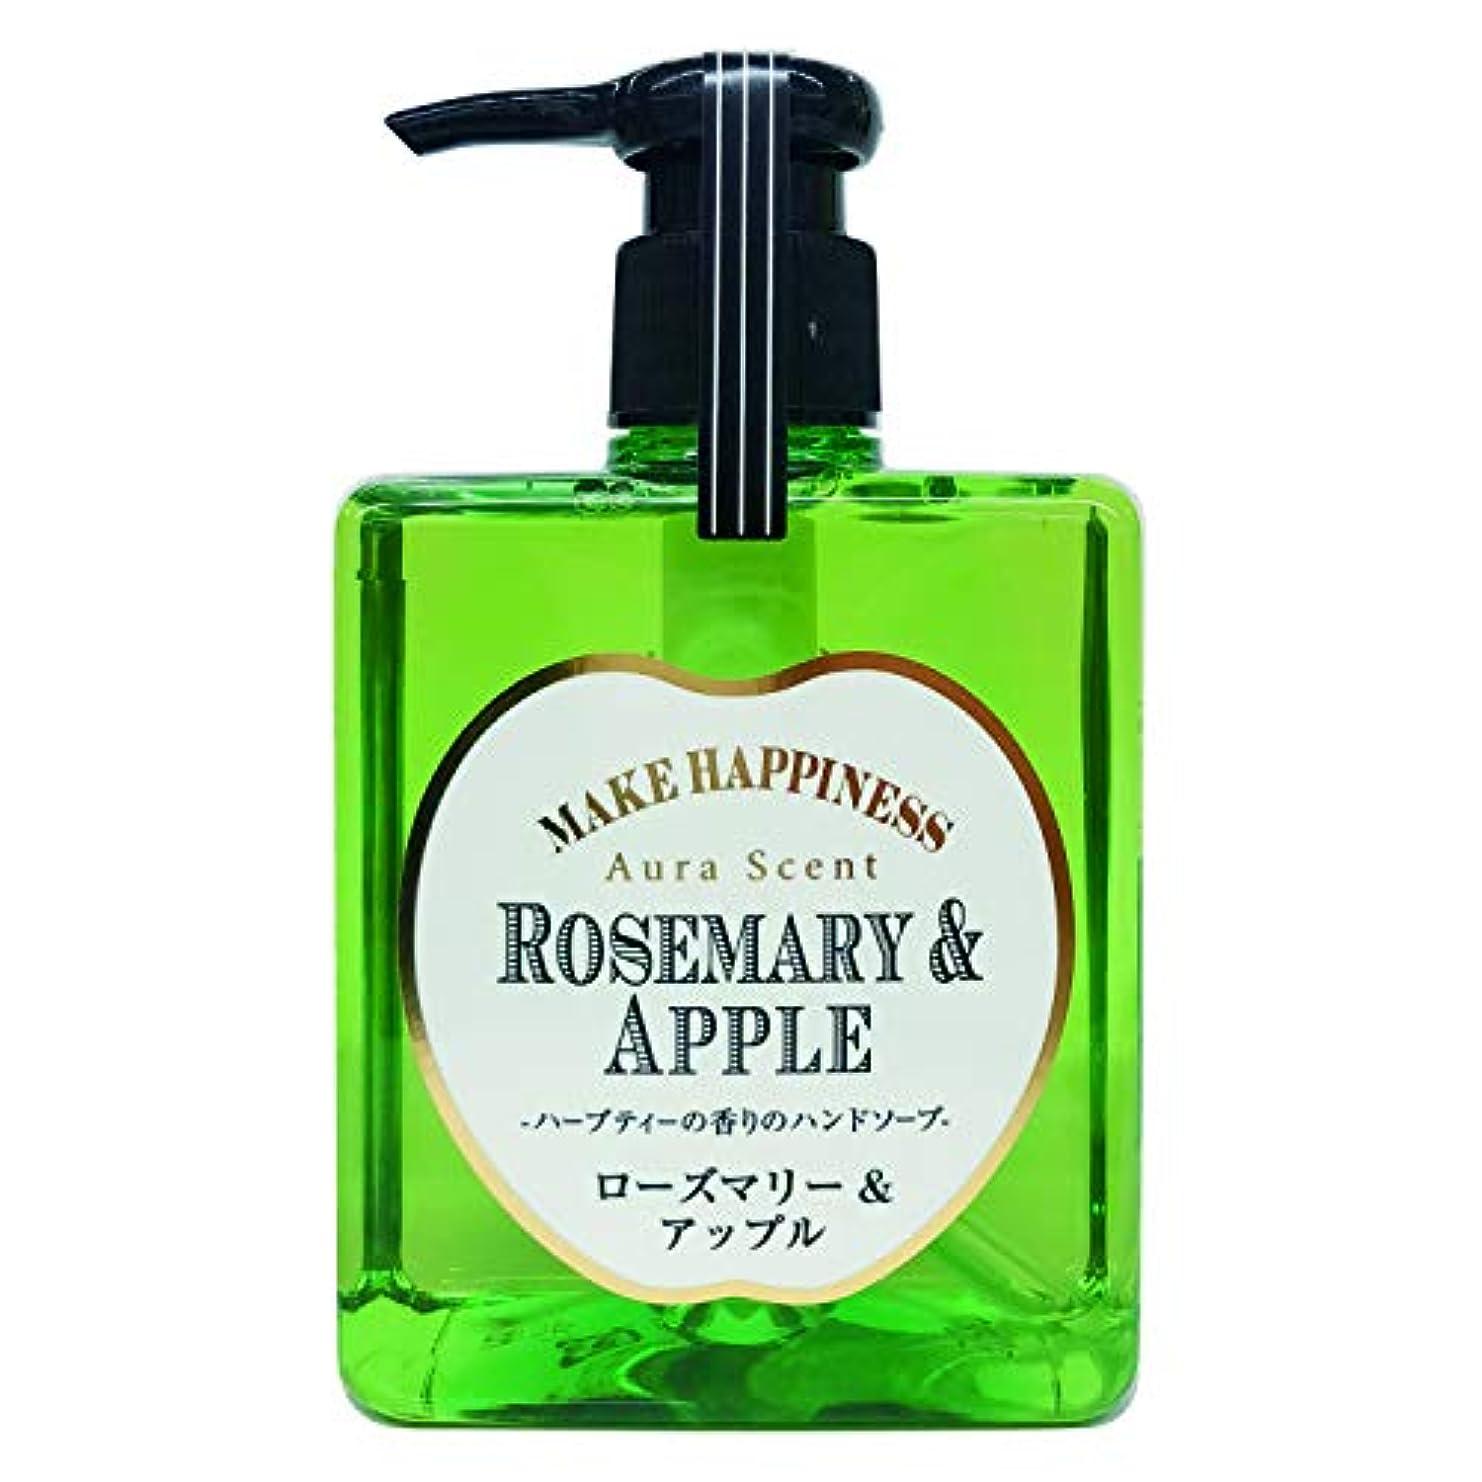 提出する前進しがみつくペリカン石鹸 オーラセント ハンドソープ ローズマリー&アップル 300ml